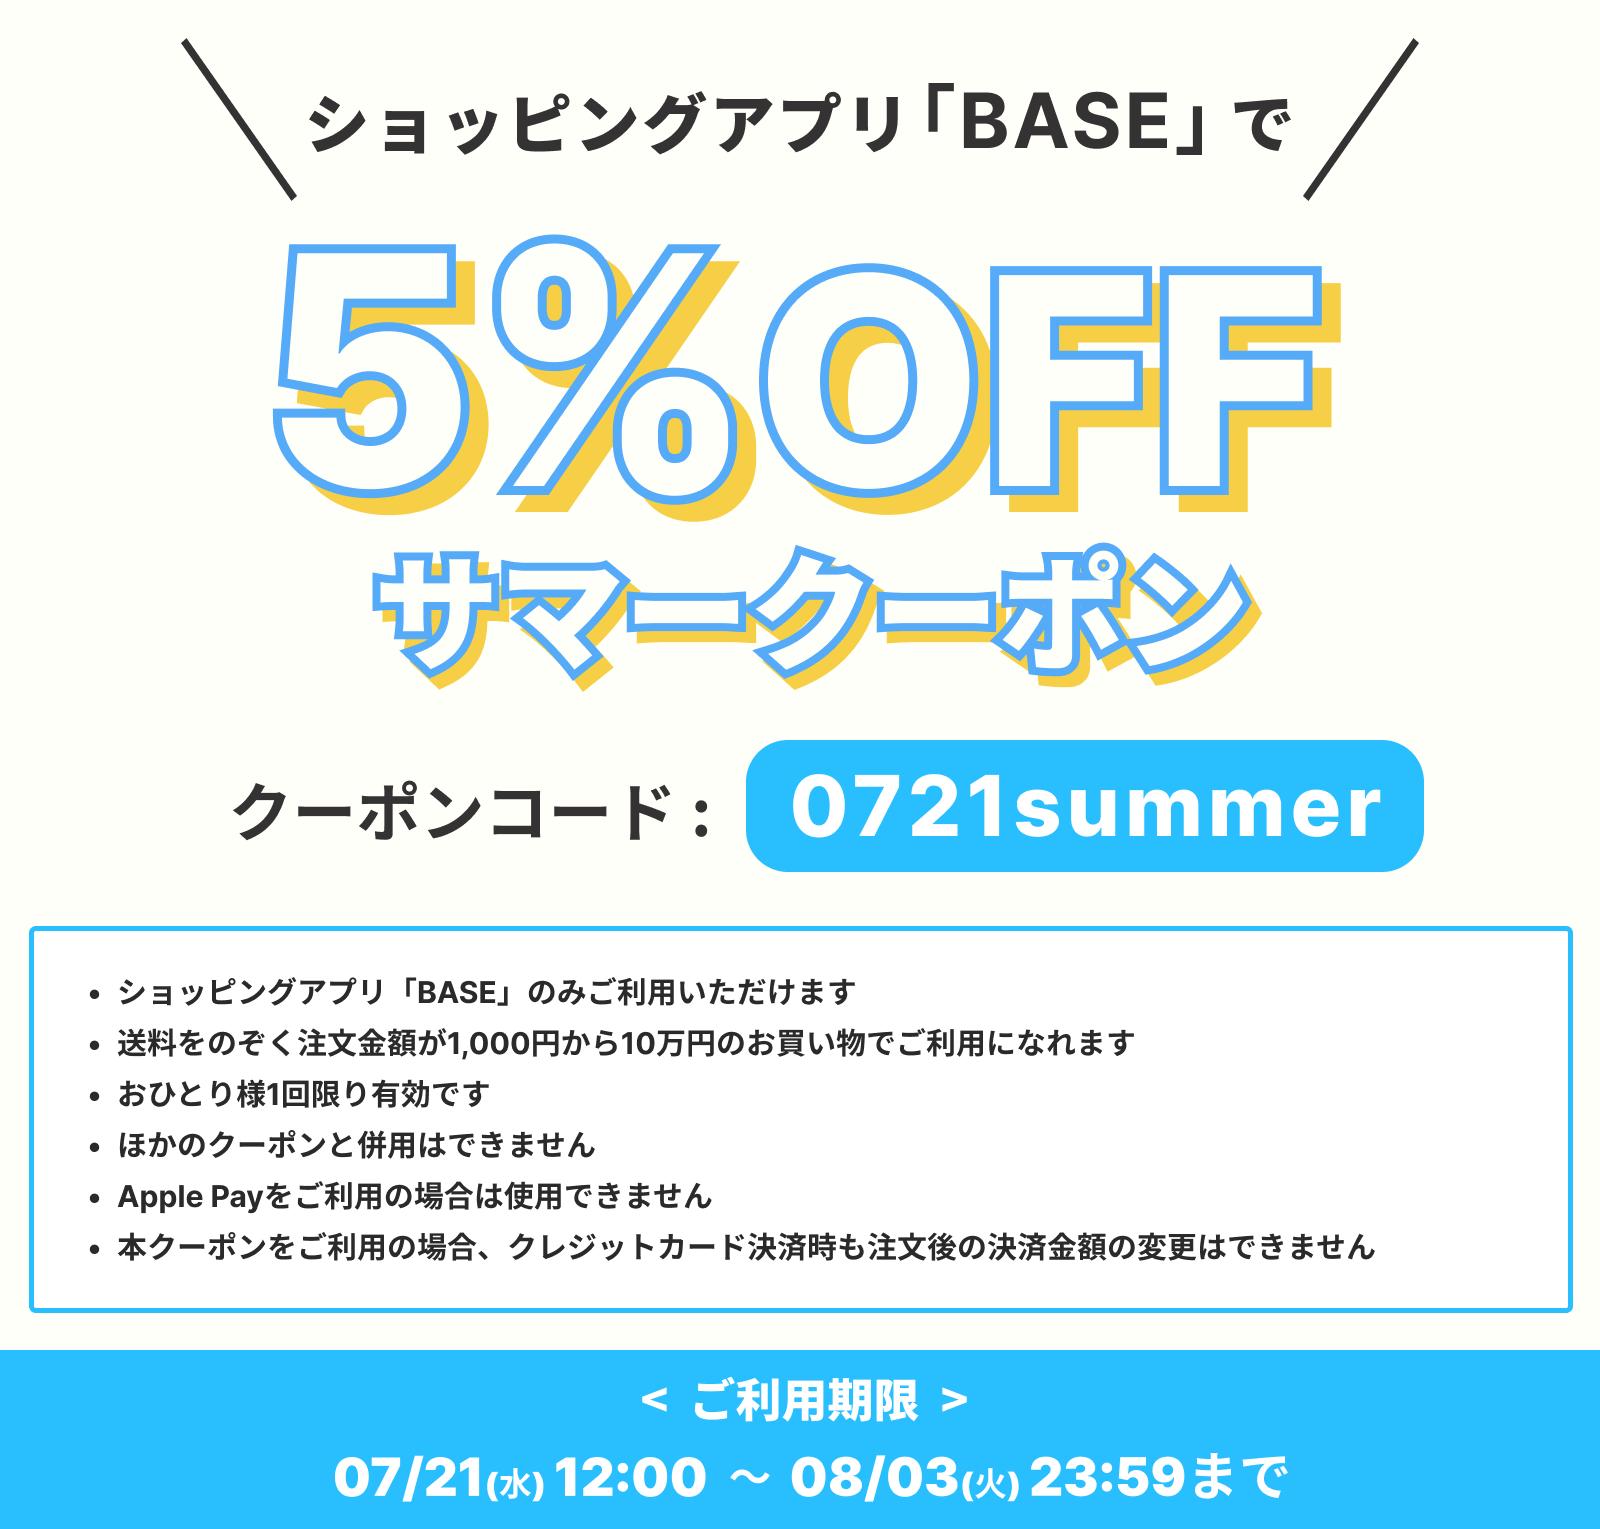 【7/21~8/3 期間限定】全商品5%OFF!BASEアプリで使えるサマークーポンキャンペーン